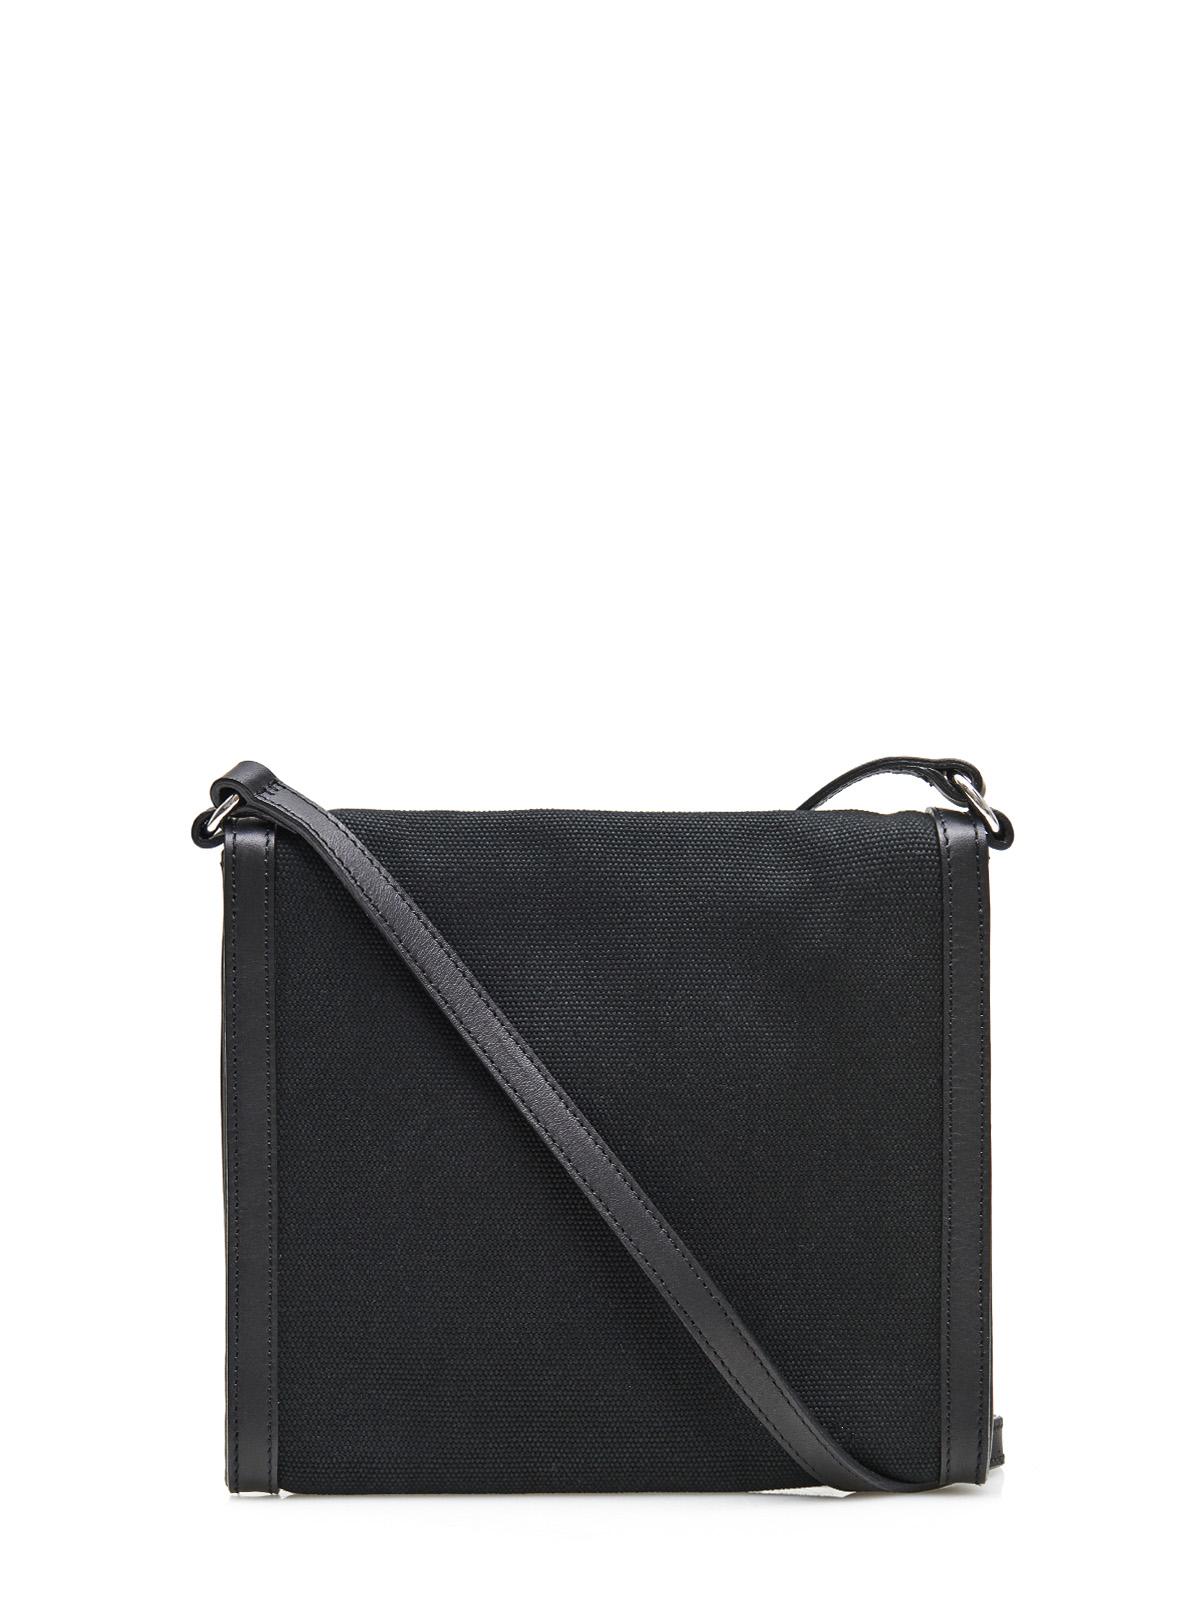 ralph lauren tasche c91 isnnr c9895 a0001 schwarz canvas ebay. Black Bedroom Furniture Sets. Home Design Ideas